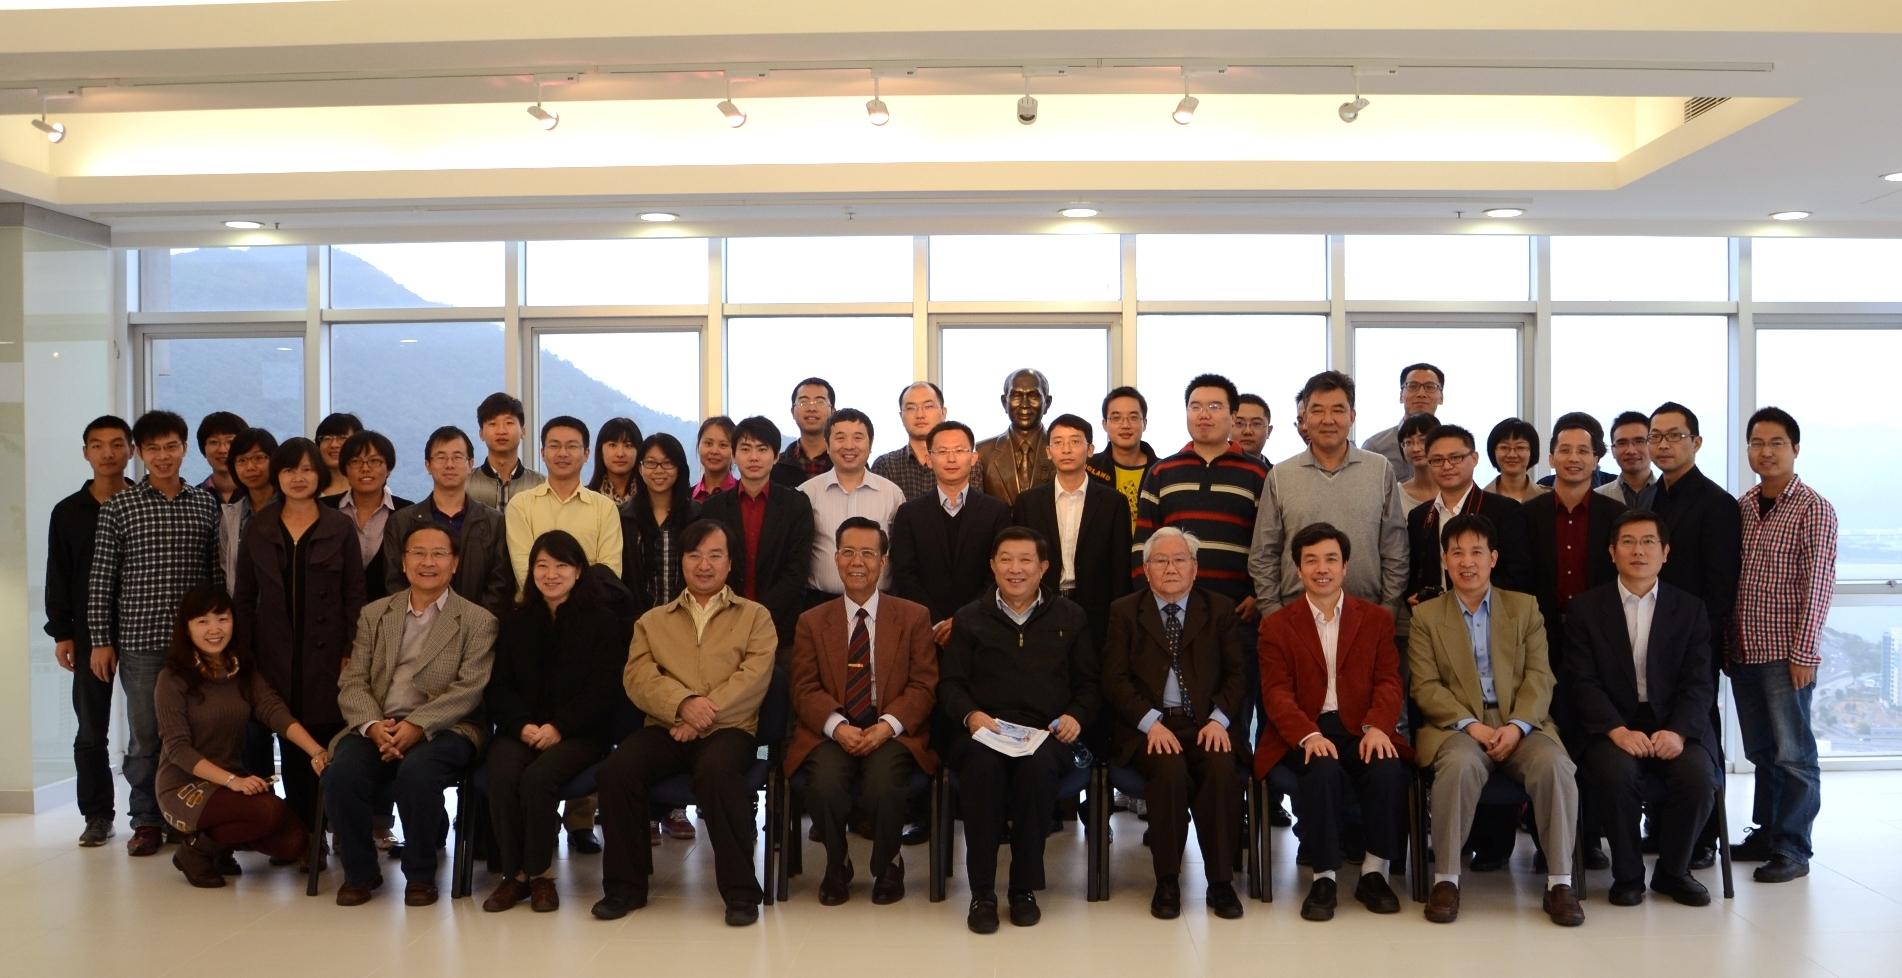 出席「全球變化和區域可持續發展研究」聯合研討會的嘉賓合照